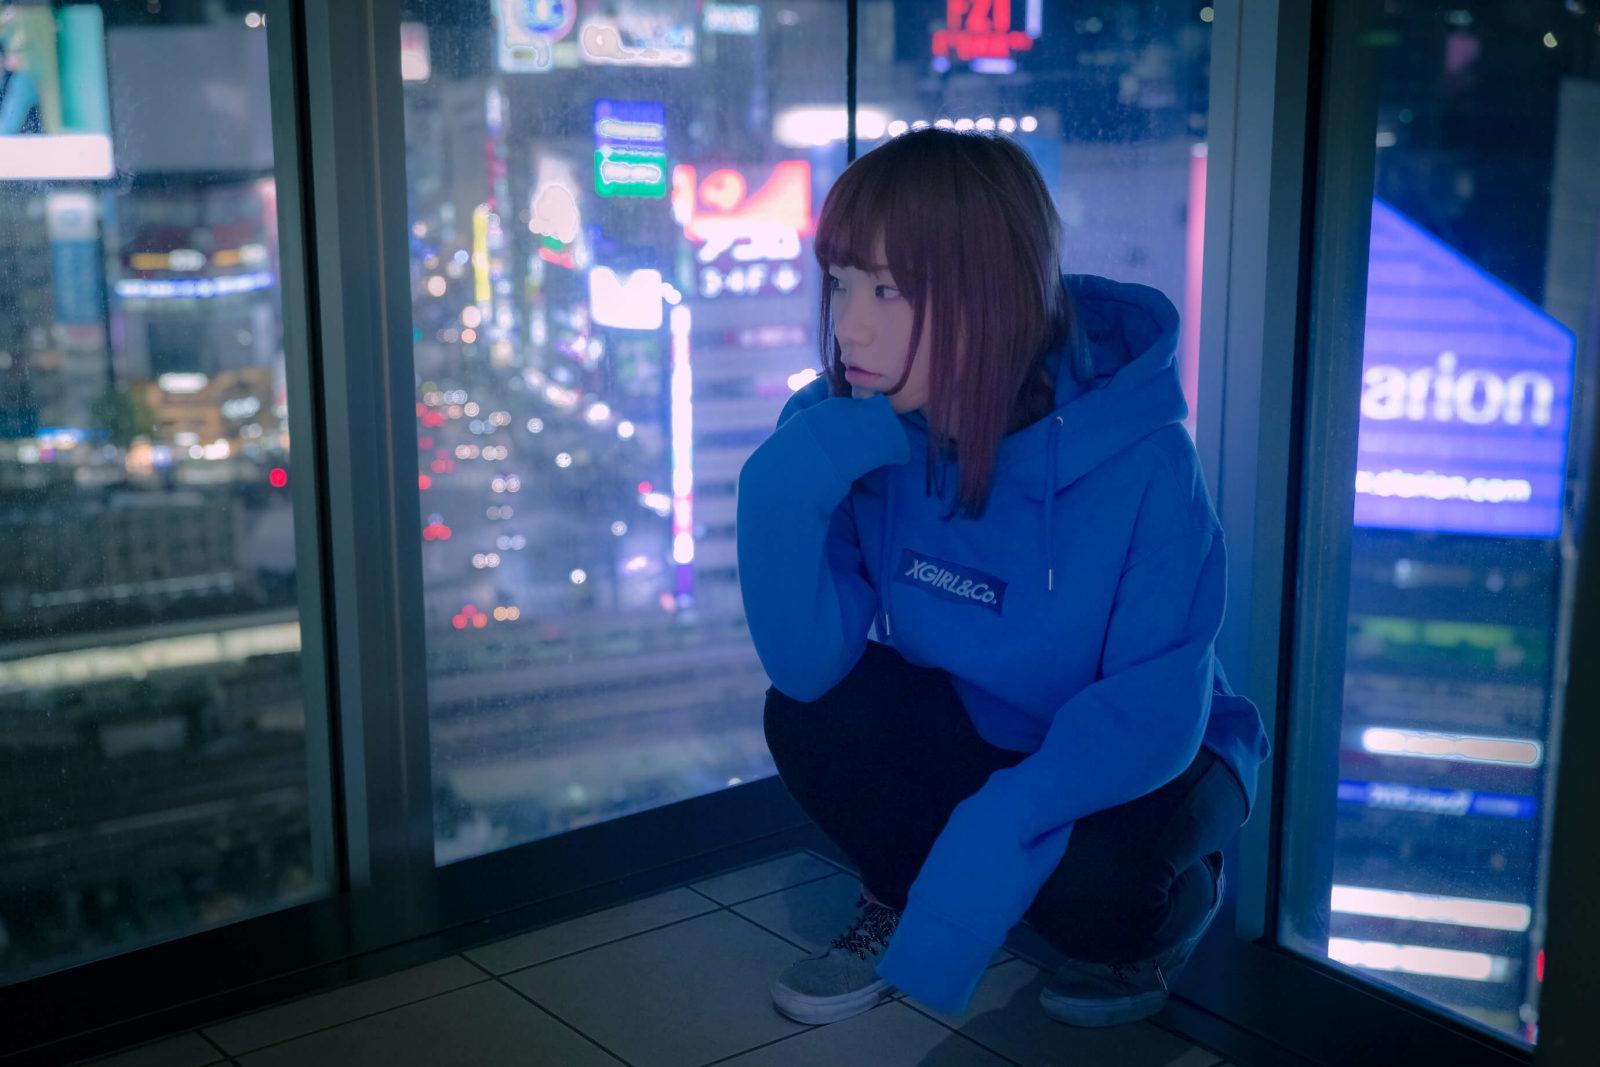 YUC'e、ストリーミング先行配信曲第2弾の「macaron moon」動画を配信限定アルバムから公開サムネイル画像